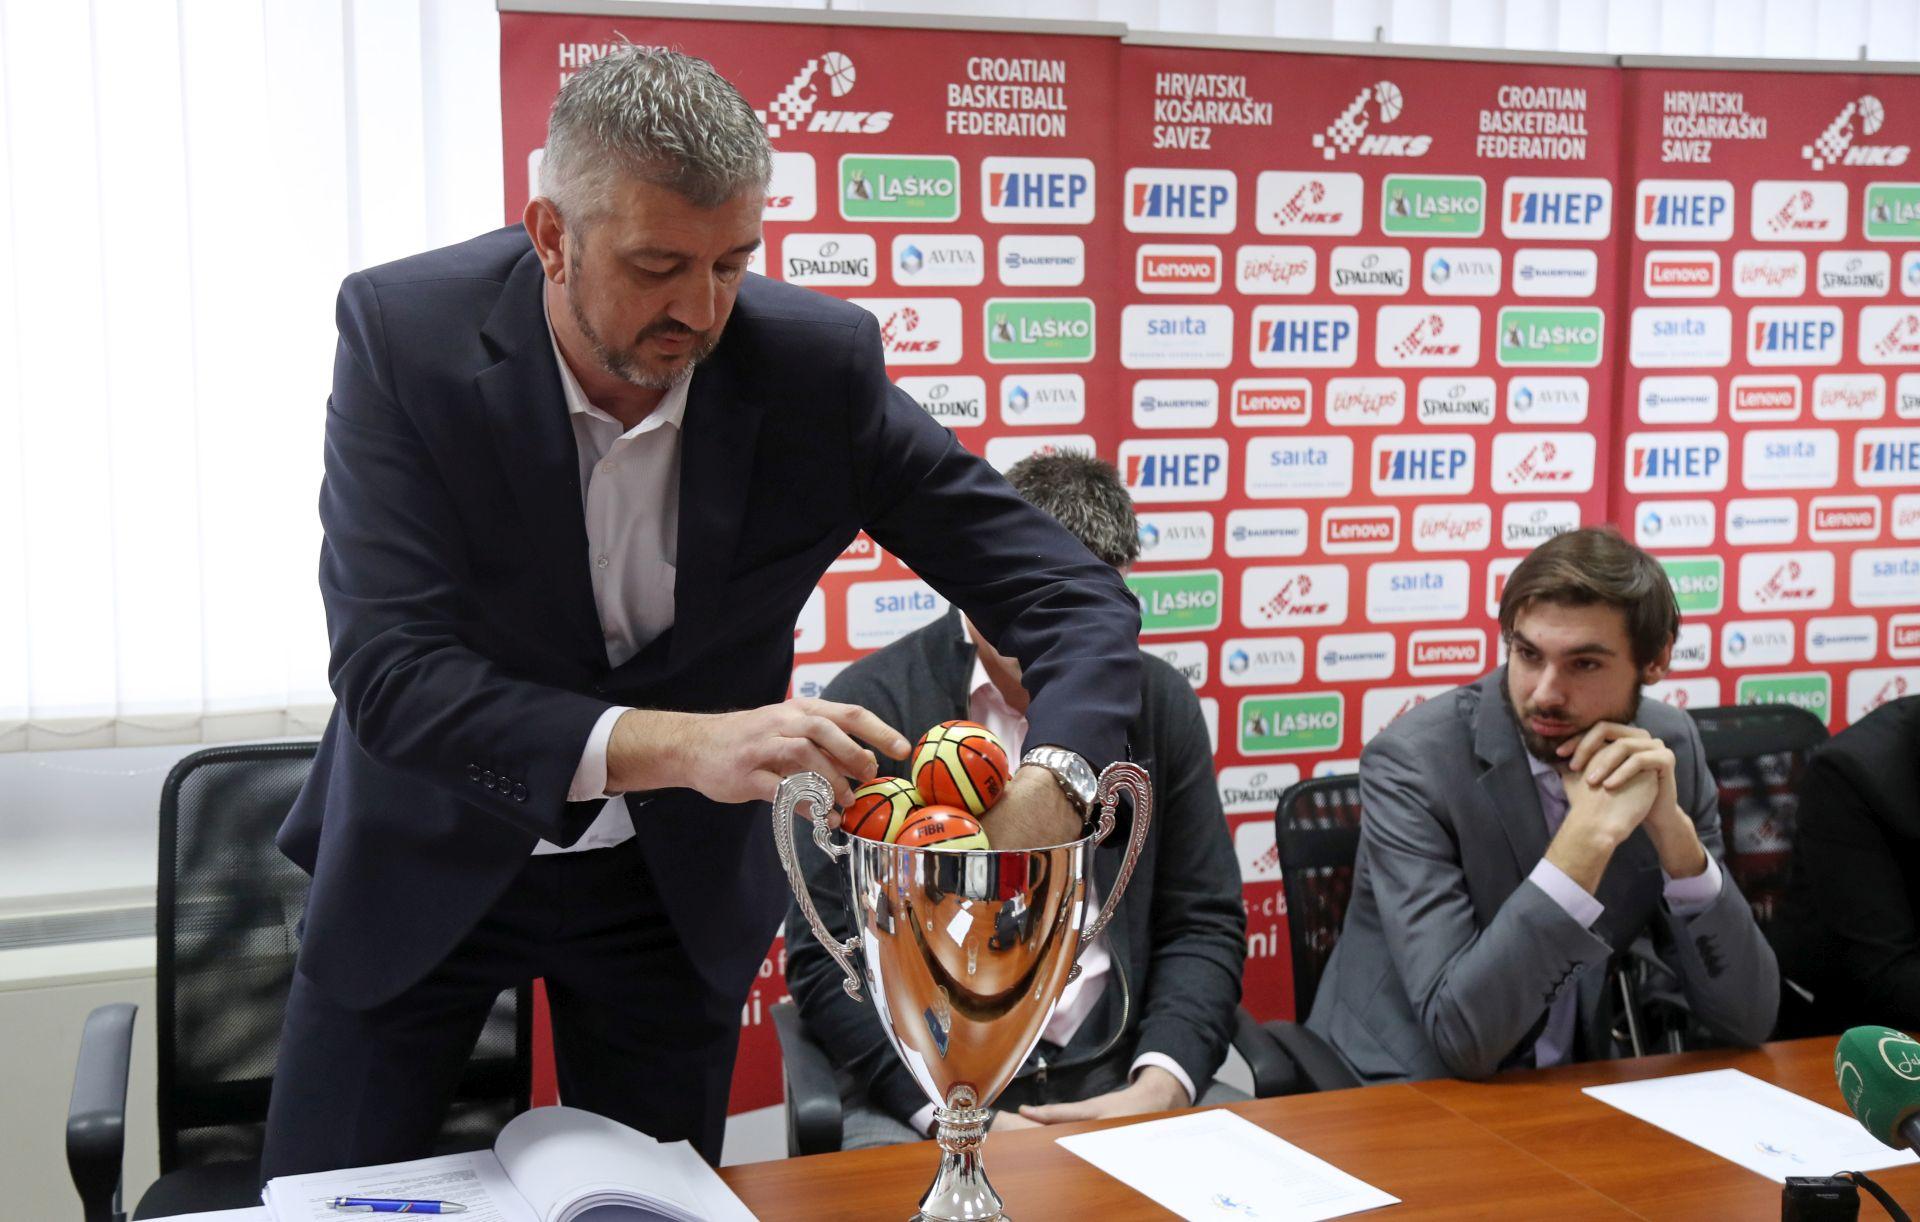 KUP K.ĆOSIĆA: Split – Zadar, Cibona – Šibenik u četvrtfinalu